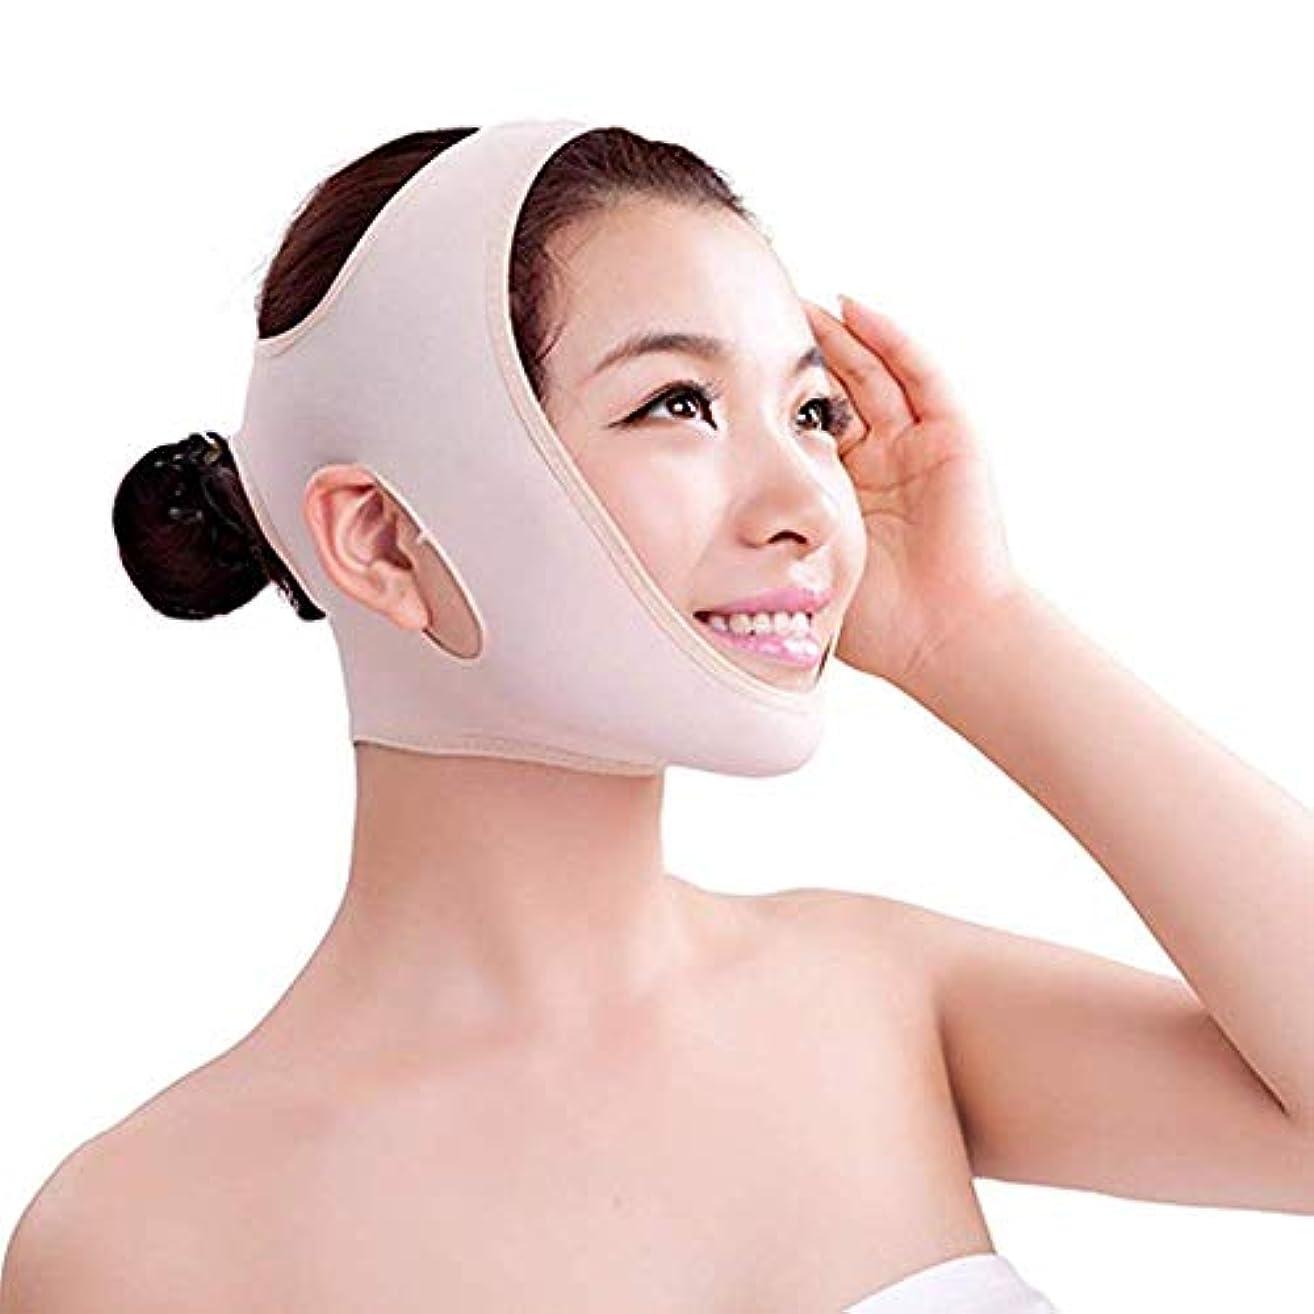 薬を飲む評価する最愛のWSJTT フェイススリミングマスク、ベルトを持ち上げるインフレータブル顔、自然なVフェイスチークチンは減量包帯チン包帯を削除するために二重あご、タイトなバンドリフティング (Size : XL)